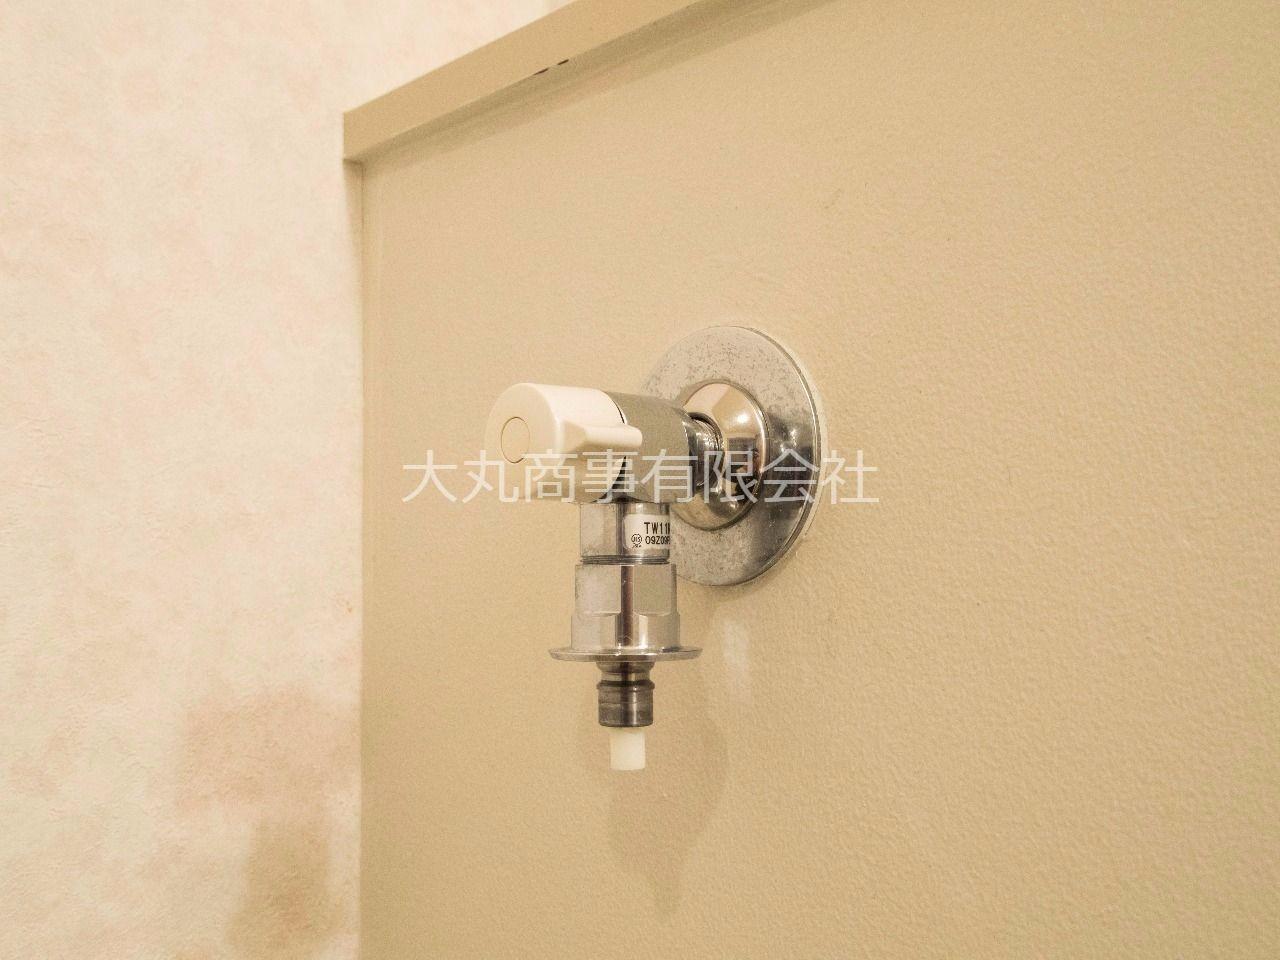 洗濯ホースとの接続が簡単な緊急止水弁付の水栓